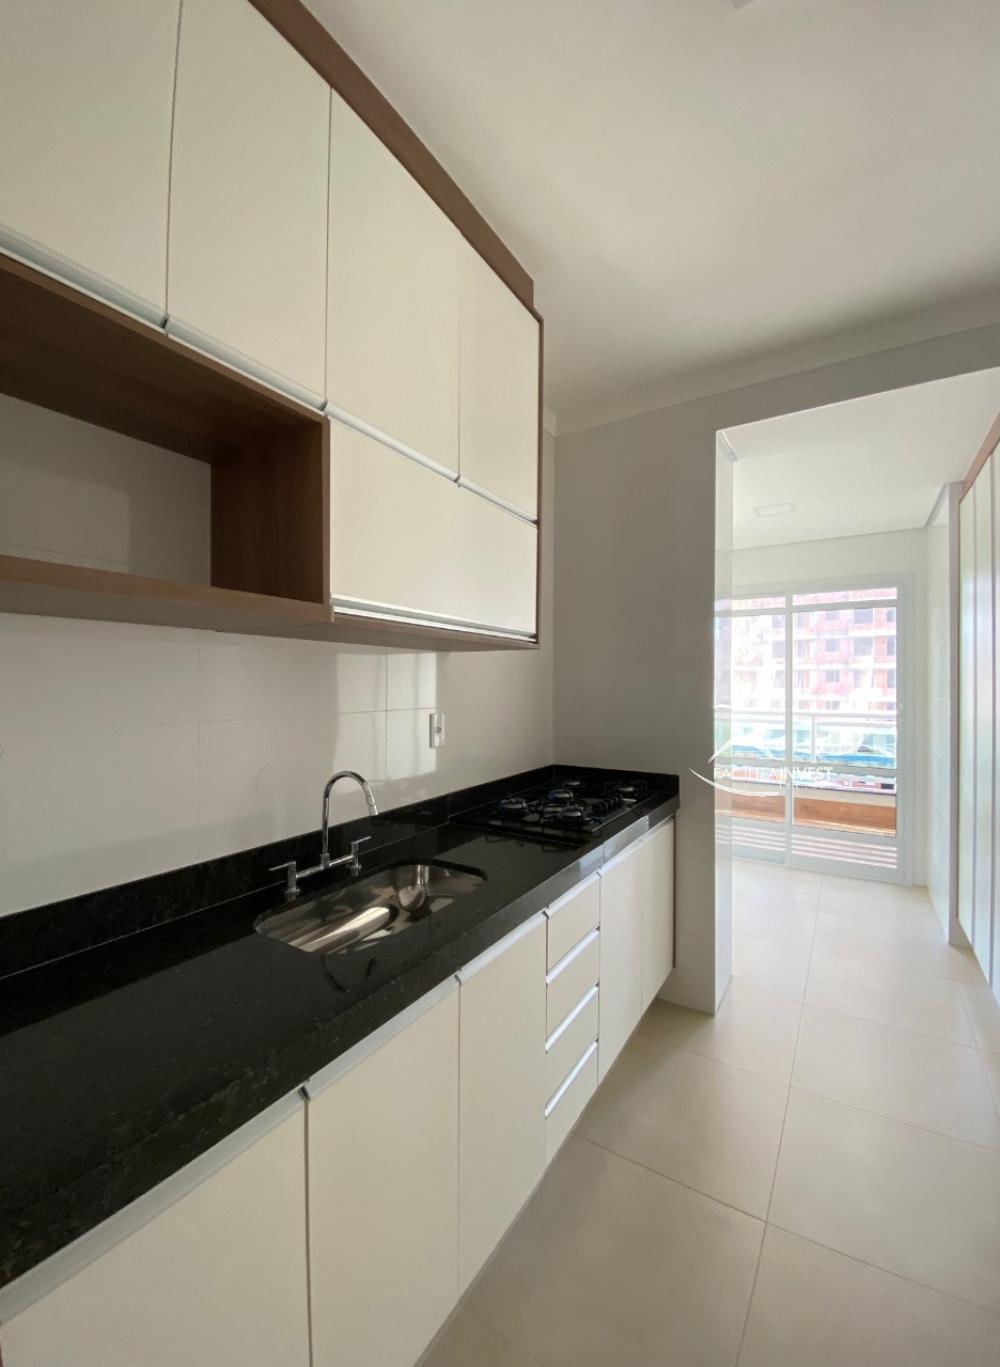 Alugar Apartamentos / Apart. Padrão em Ribeirão Preto R$ 2.750,00 - Foto 14